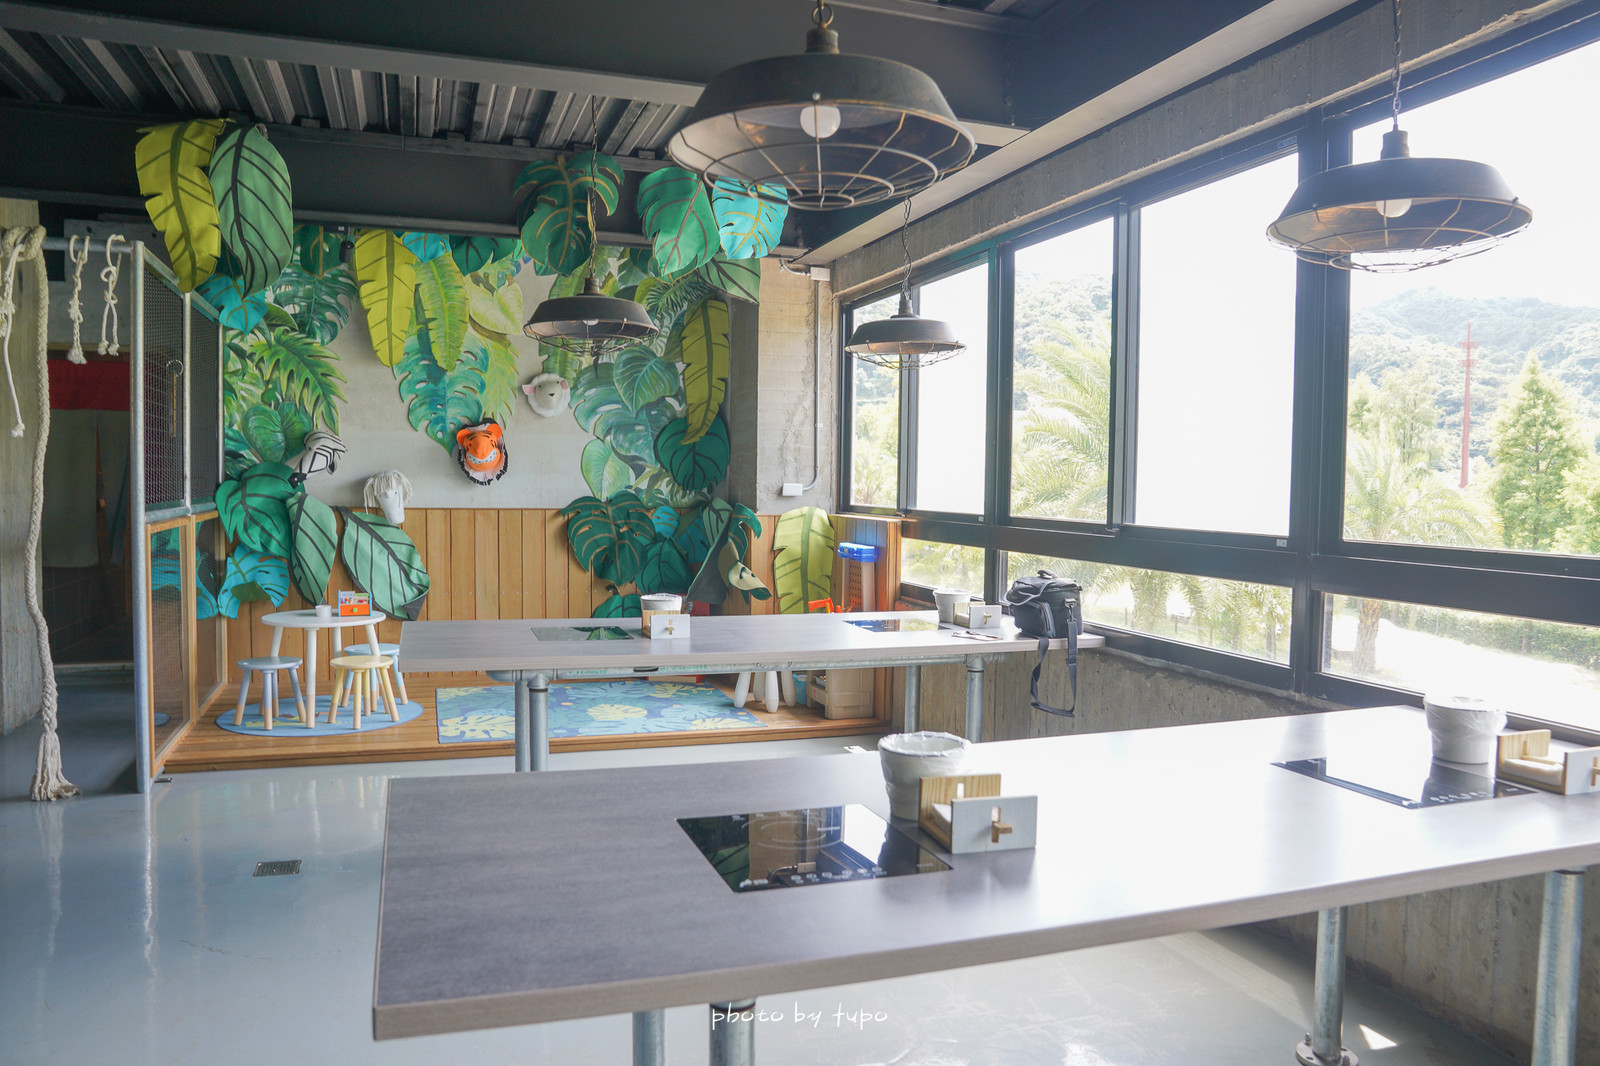 新北萬里》金山皇后鎮森林:玩水烤肉!山泉水愛心泳池、餵魚、露營、大草皮、室內遊戲區、火鍋吃到飽!